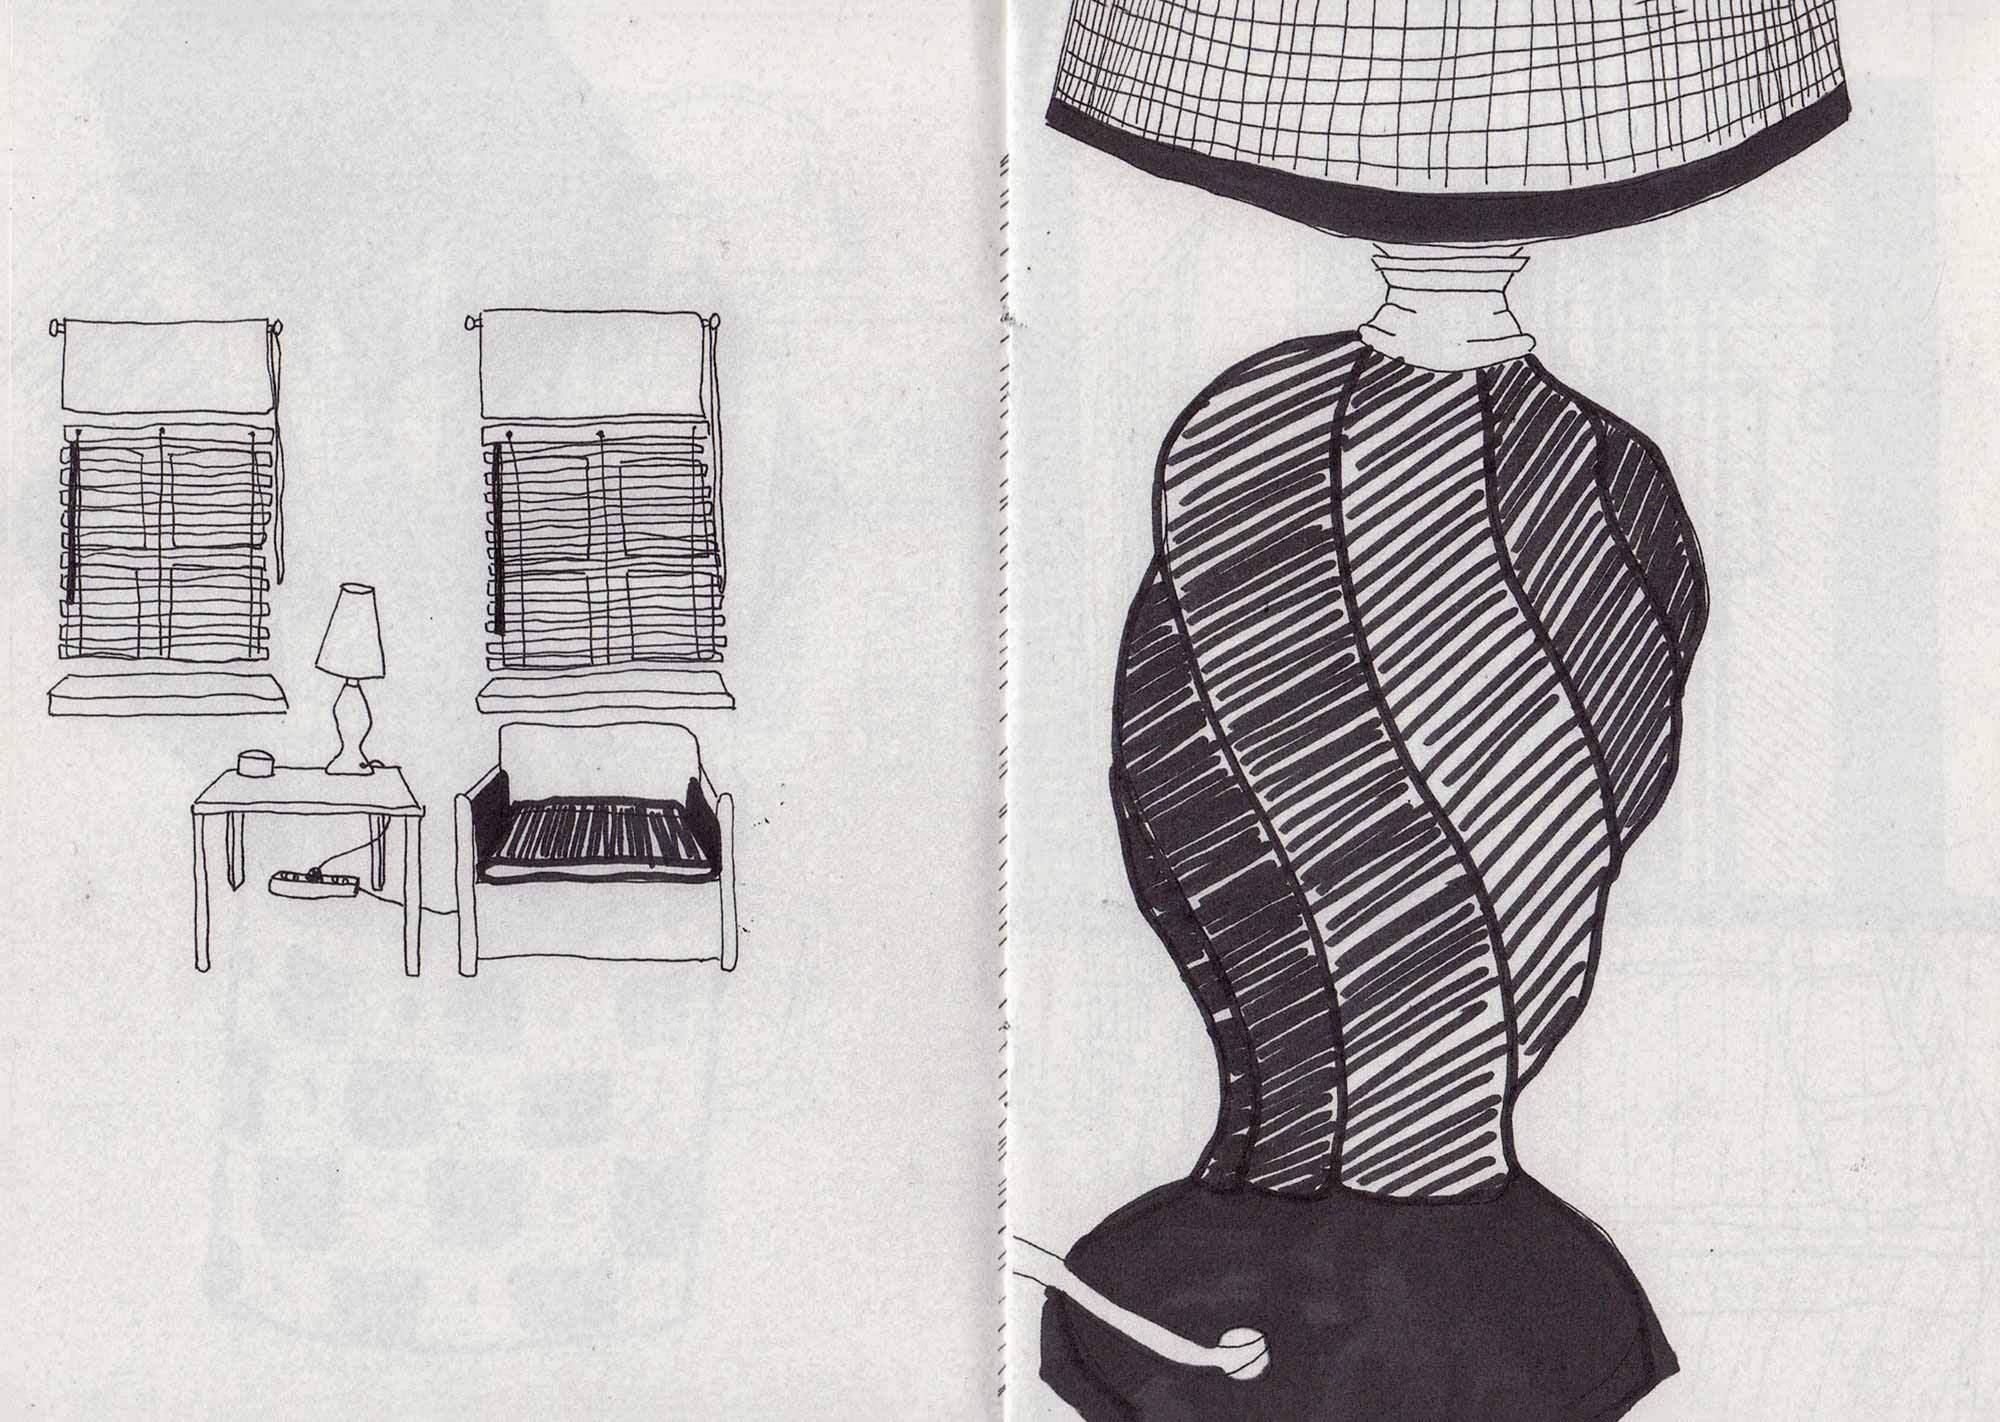 13-18-Scan-Print-16aus1337-7-web